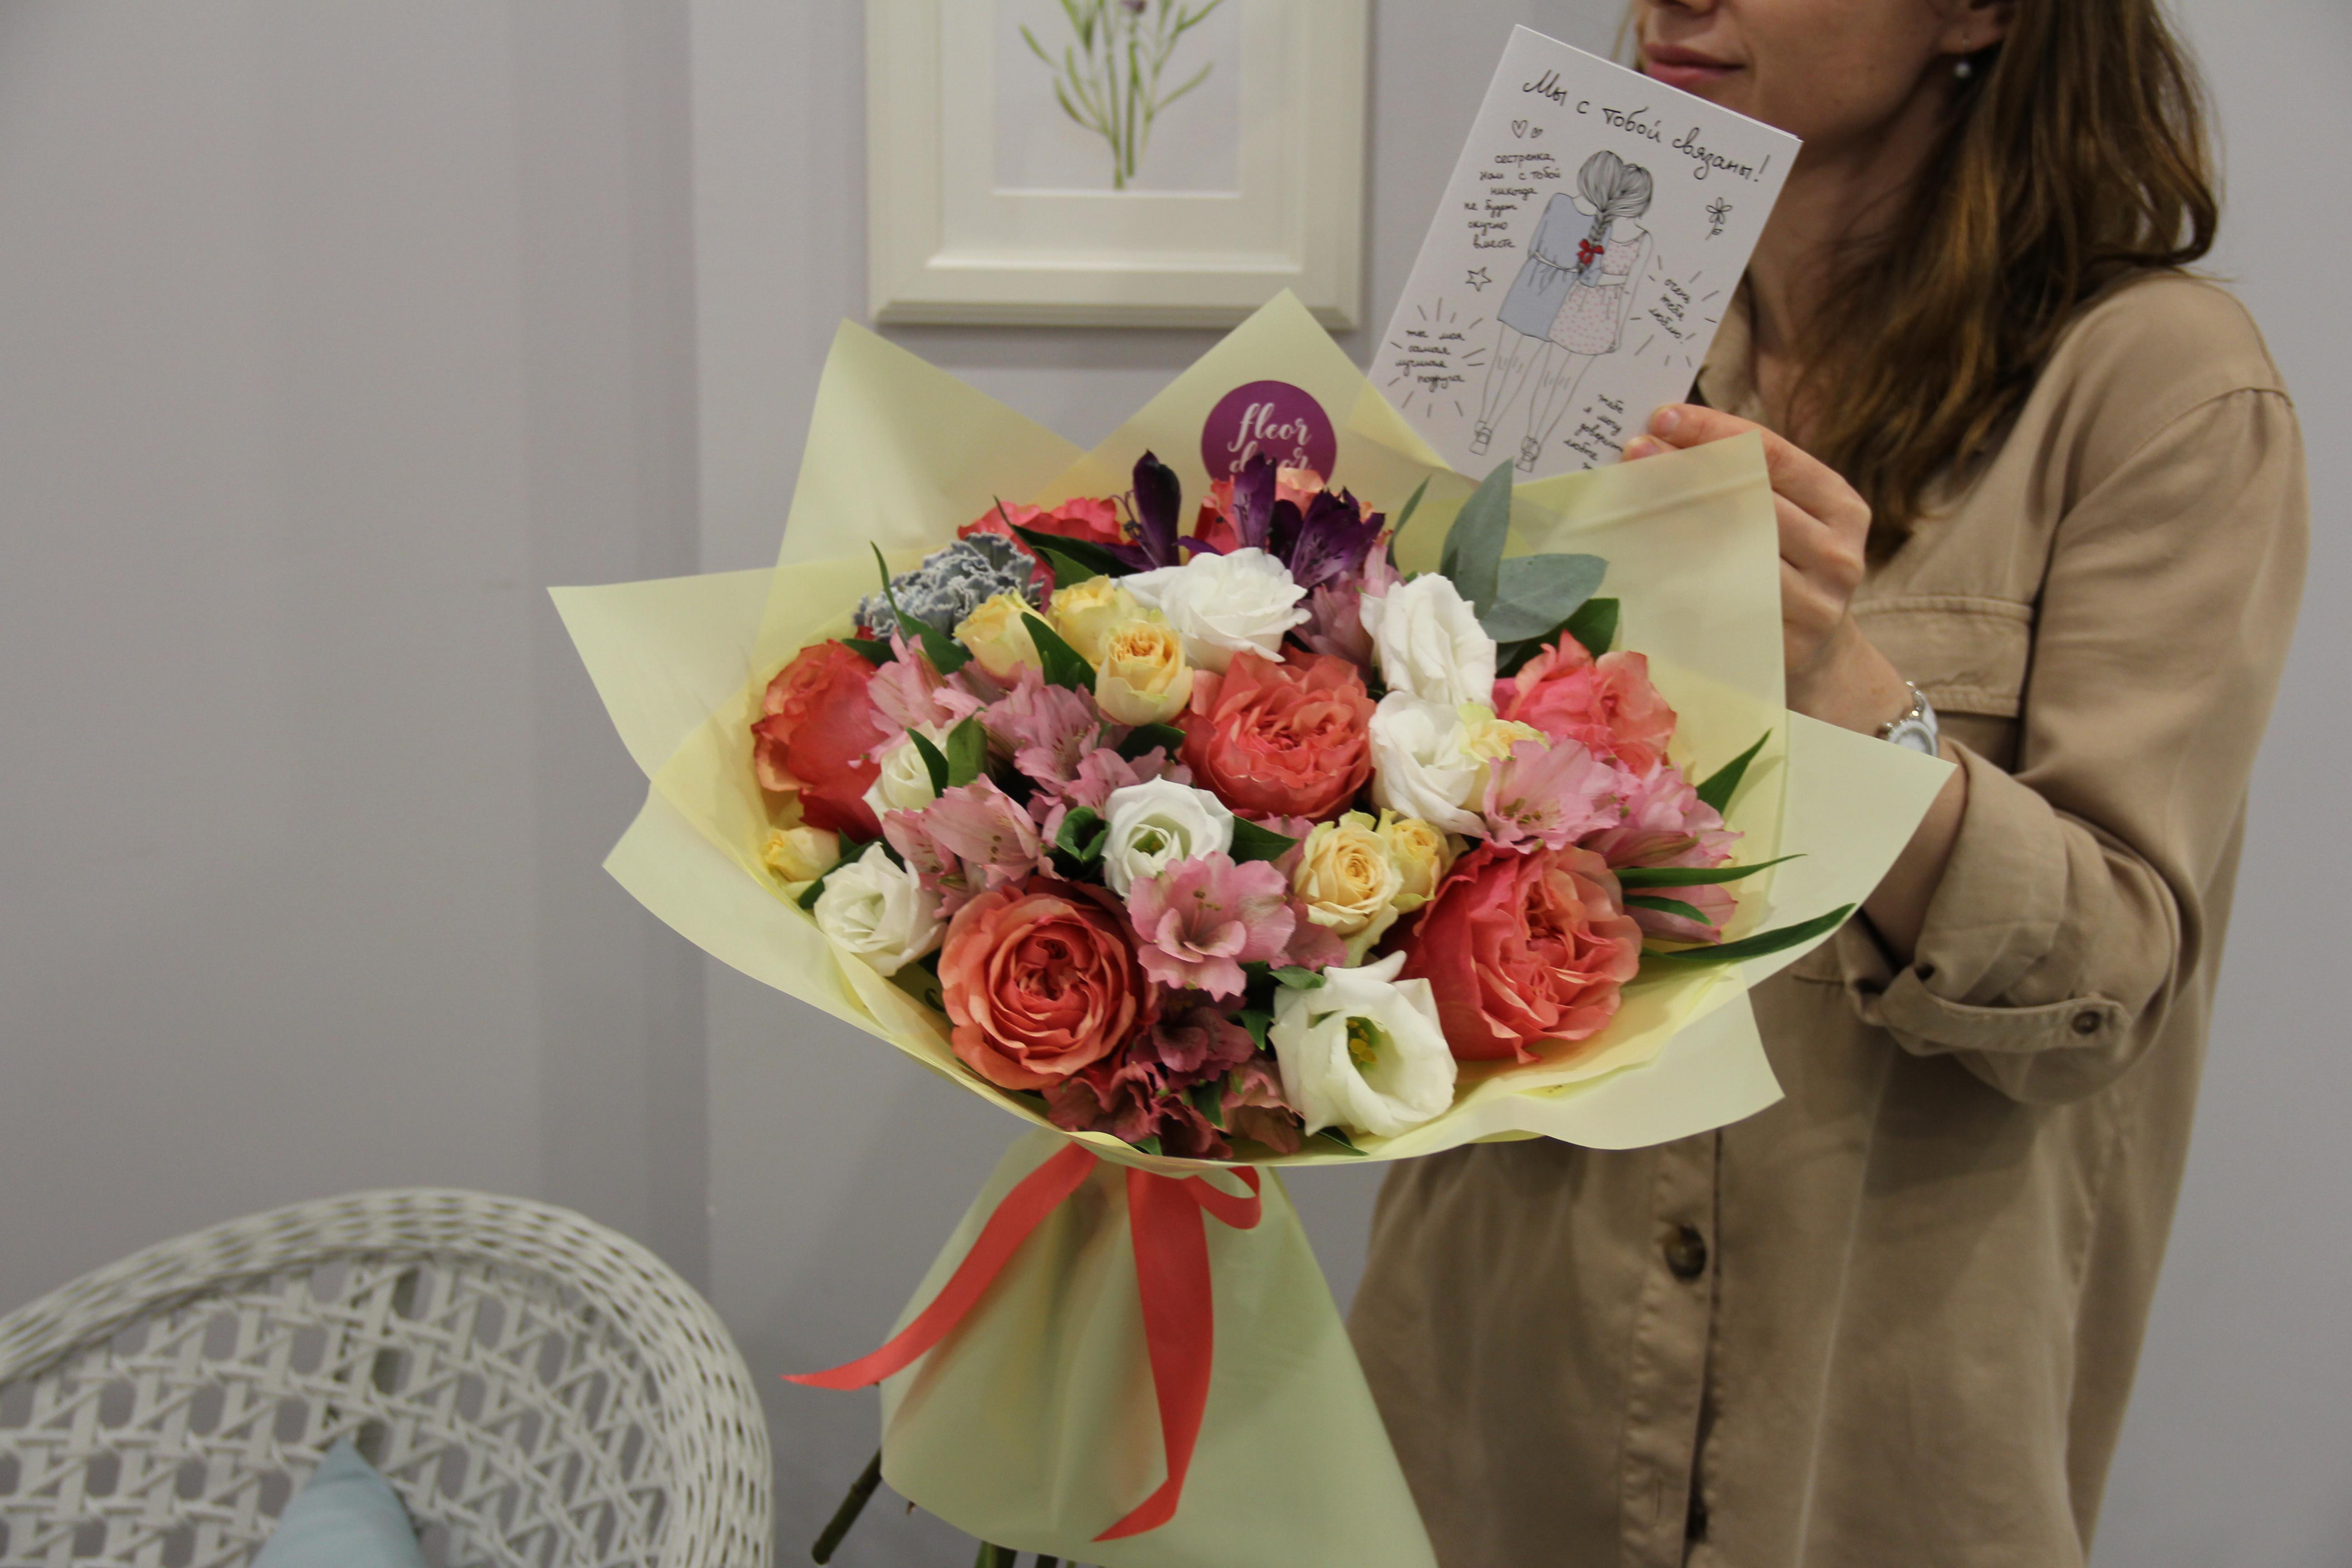 Заказ и доставка цветов челны круглосуточная, цветы